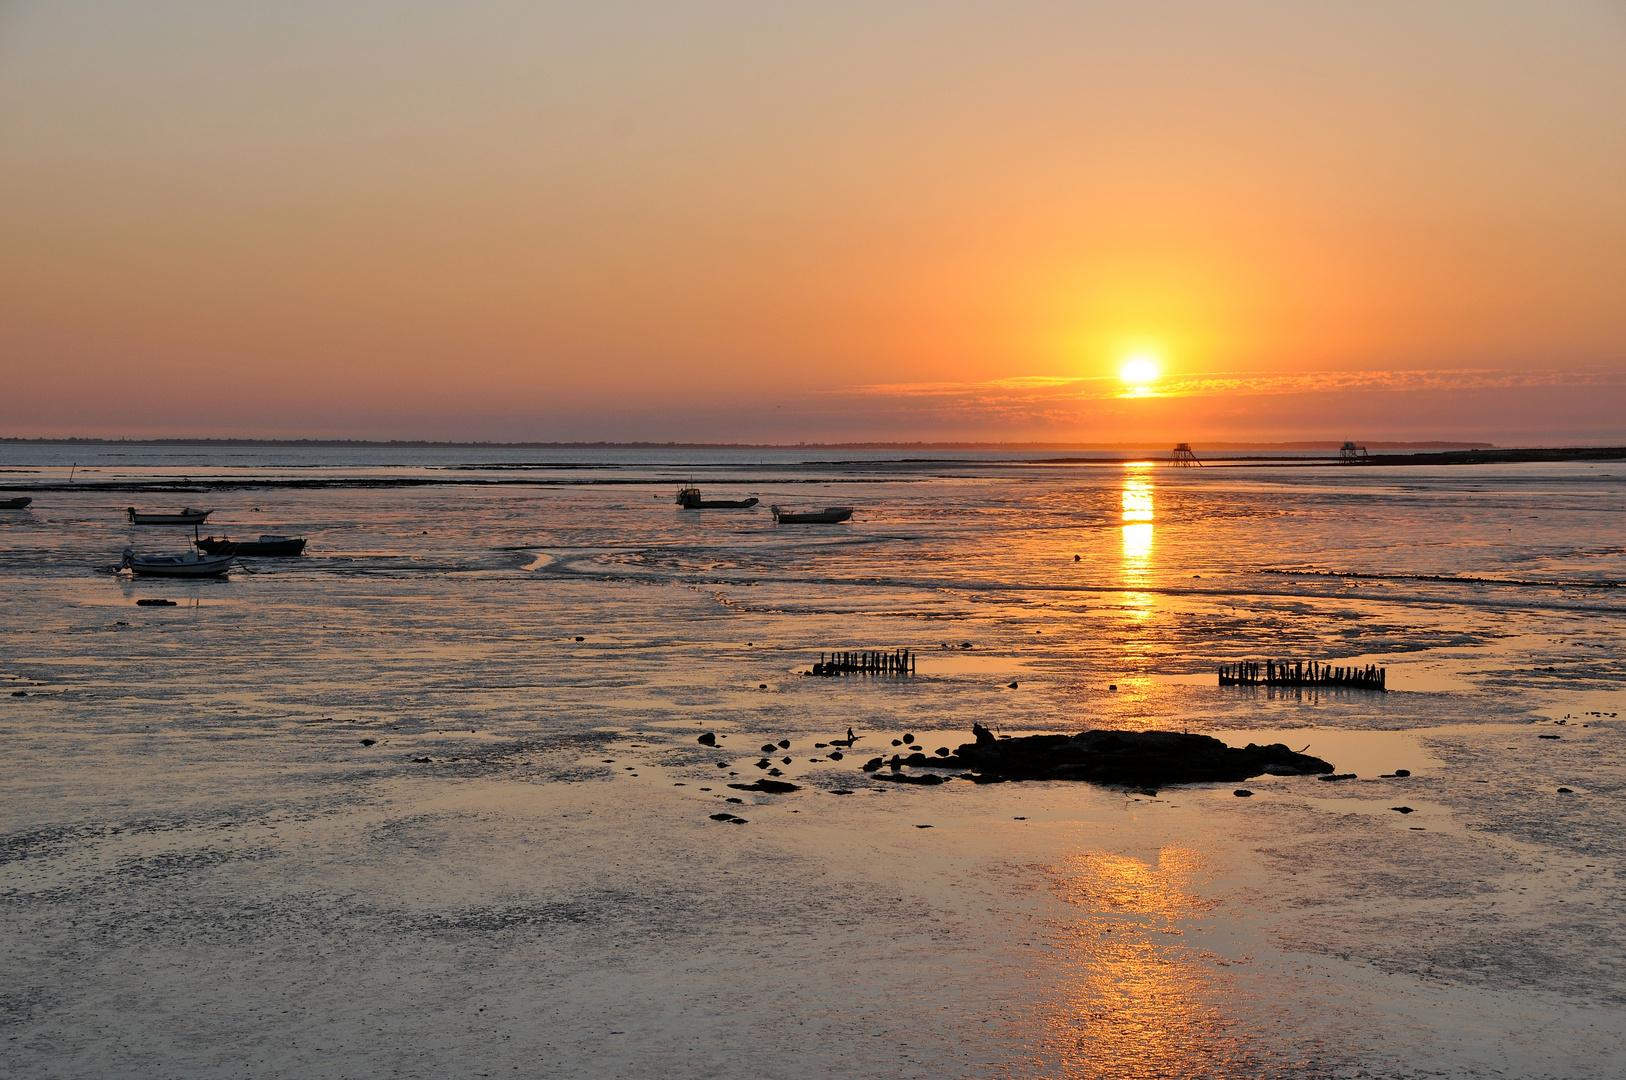 couché de soleil sur l'océan.